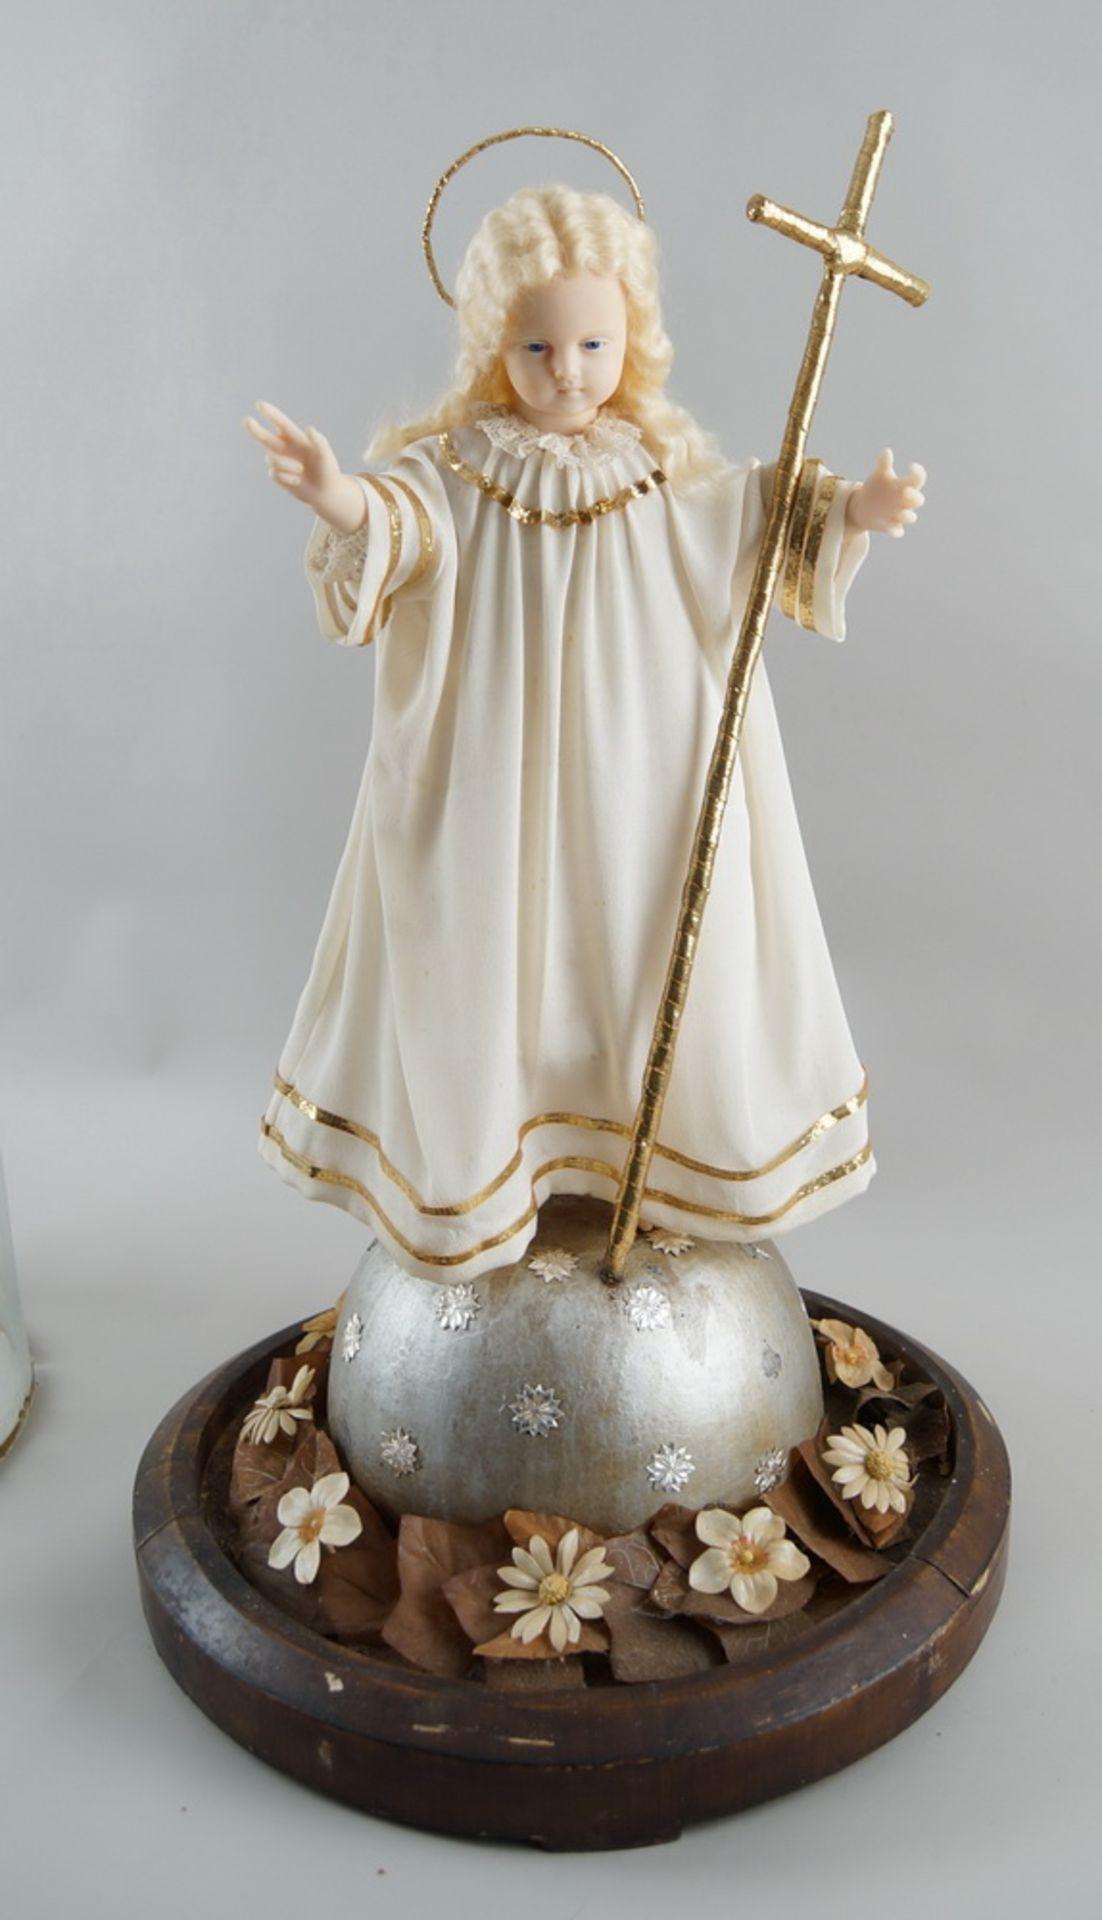 Monumentaler Glasschrein / Glassturz mit Jesuskind aus Wachs und prunkvollem Gewand, H 78cm, - Bild 3 aus 8